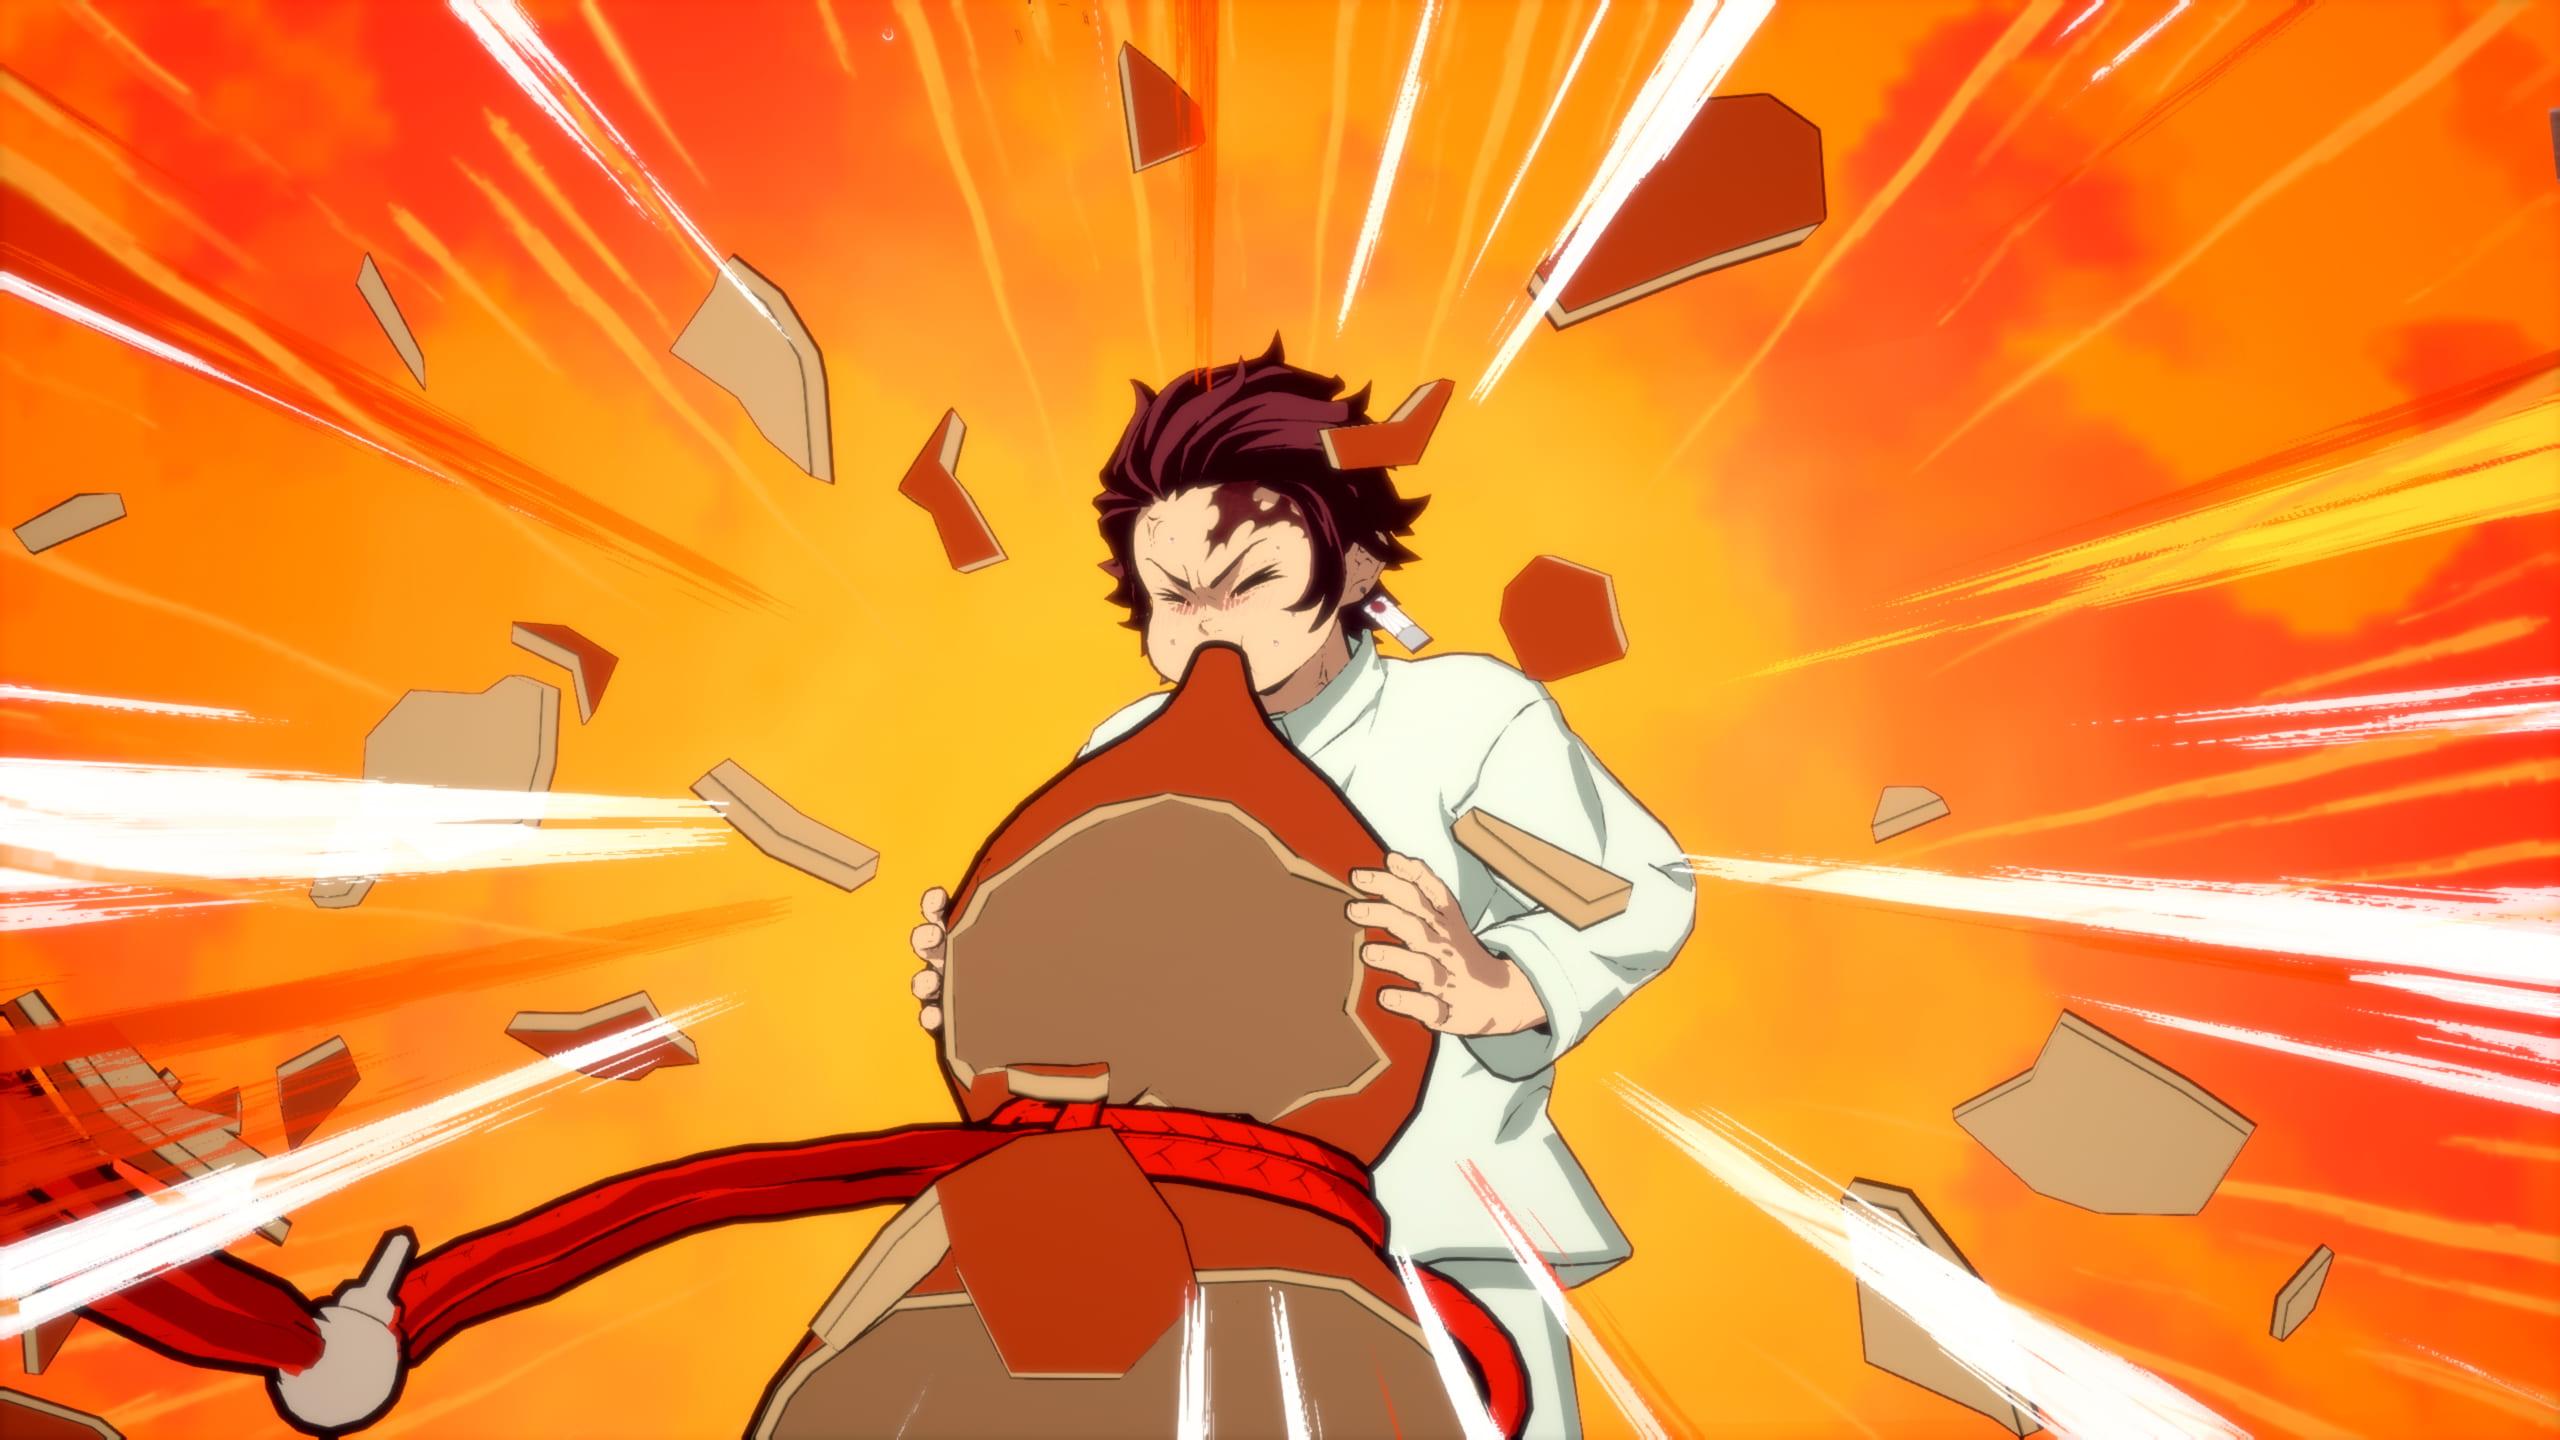 ゲーム内スクリーンショット -ソロプレイモード「蝶屋敷」-炭治郎